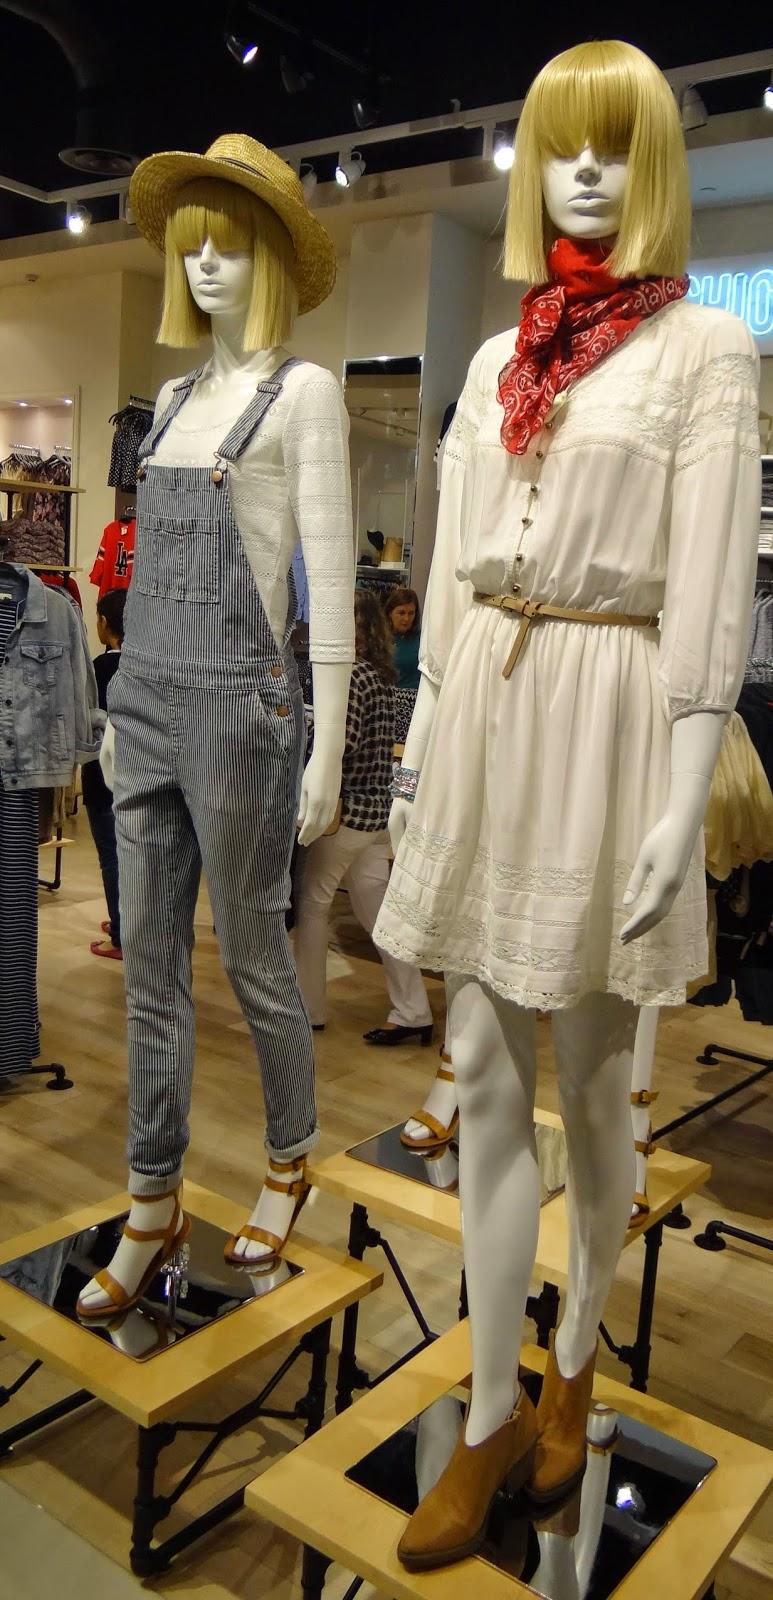 31d4044e2b2 Fotinhas da vitrine e manequins. As roupas são muito bonitas